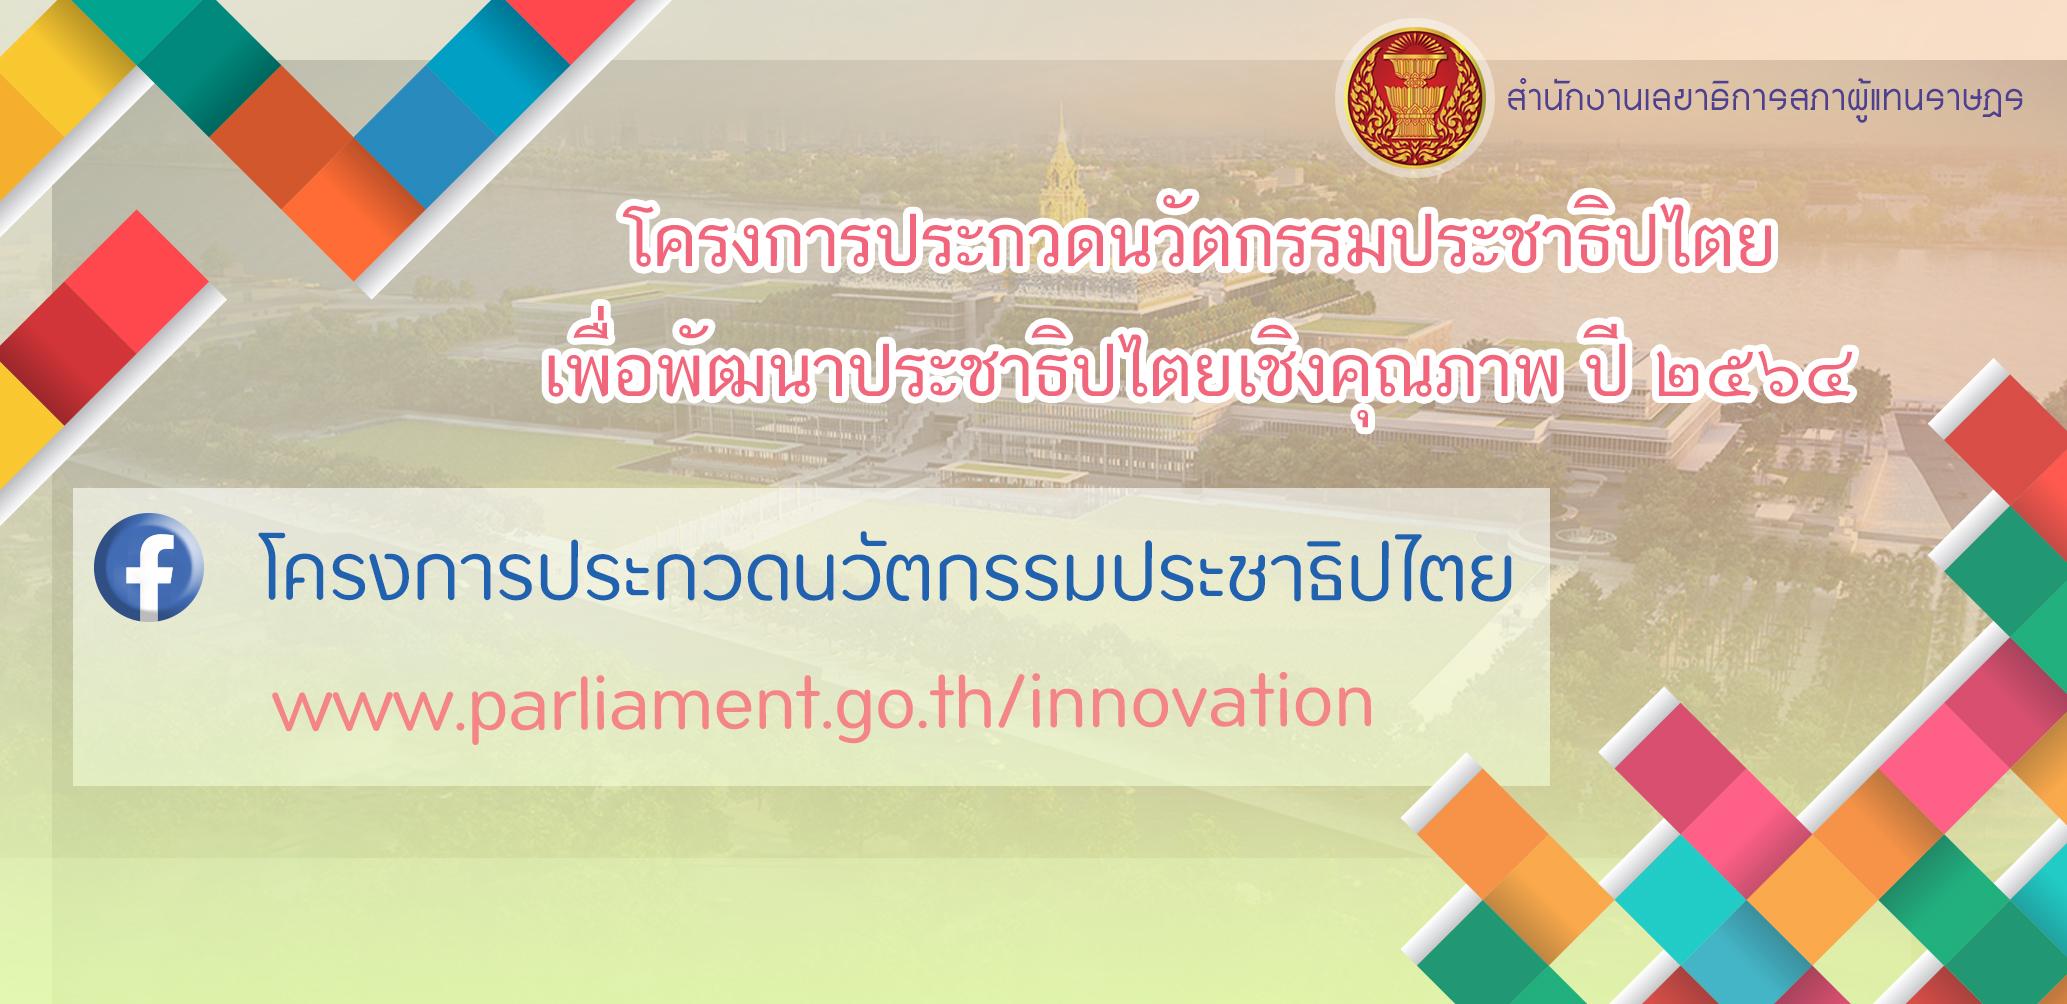 โครงการประกวดนวัตกรรมประชาธิปไตยเพื่อพัฒนาประชาธิปไตยเชิงคุณภาพ สำนักงานเลขาธิการสภาผู้แทนราษฎร www.parliament.go.th/innovation